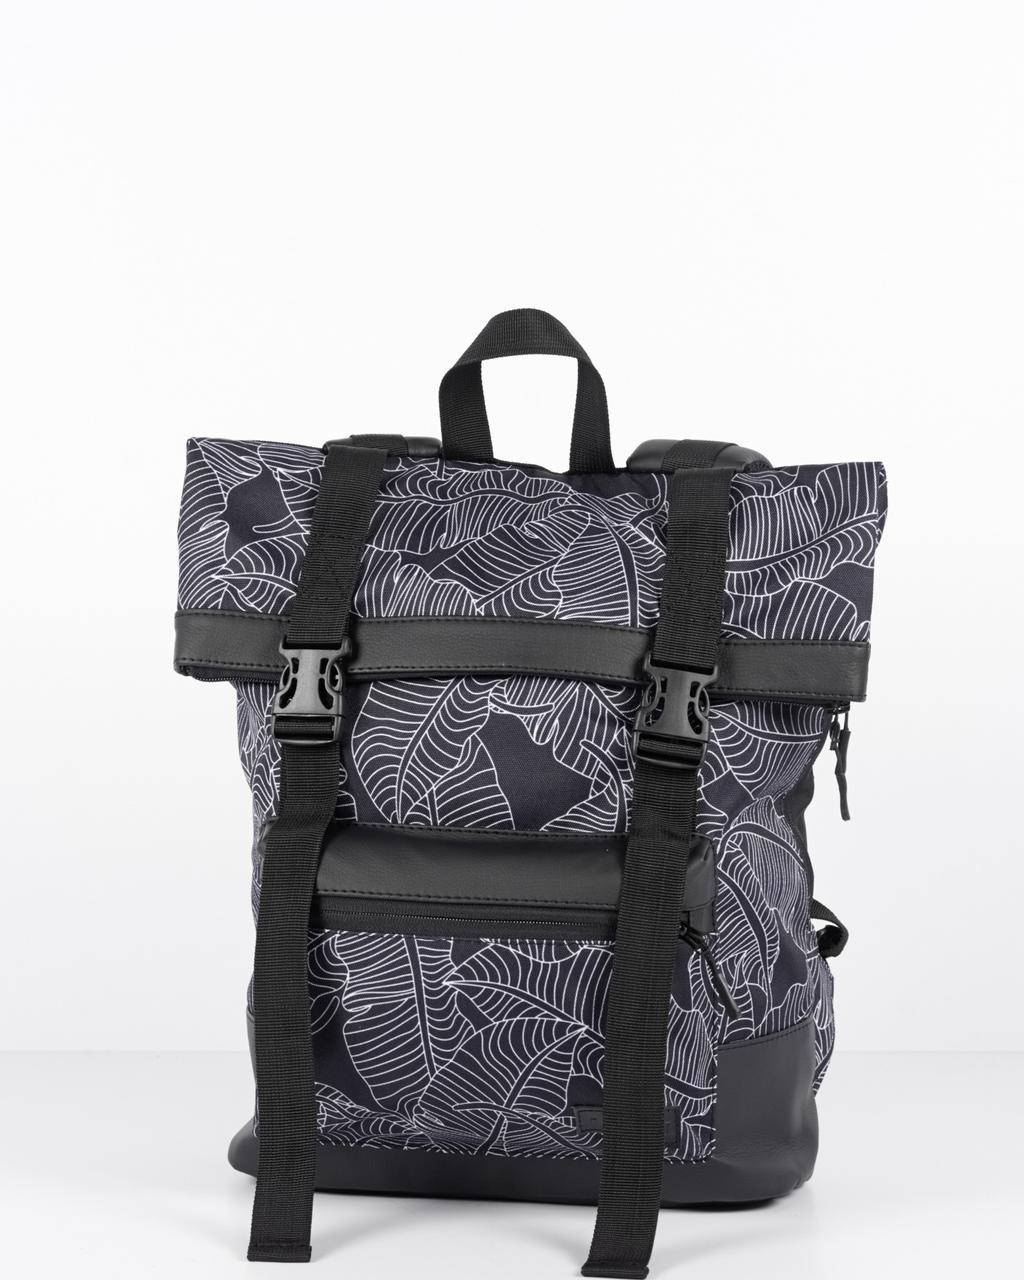 Міський рюкзак HARVEST Roll BL LEAVES ролтоп листя 40x29x11 см. 18-21 л. поліестр екошкіра